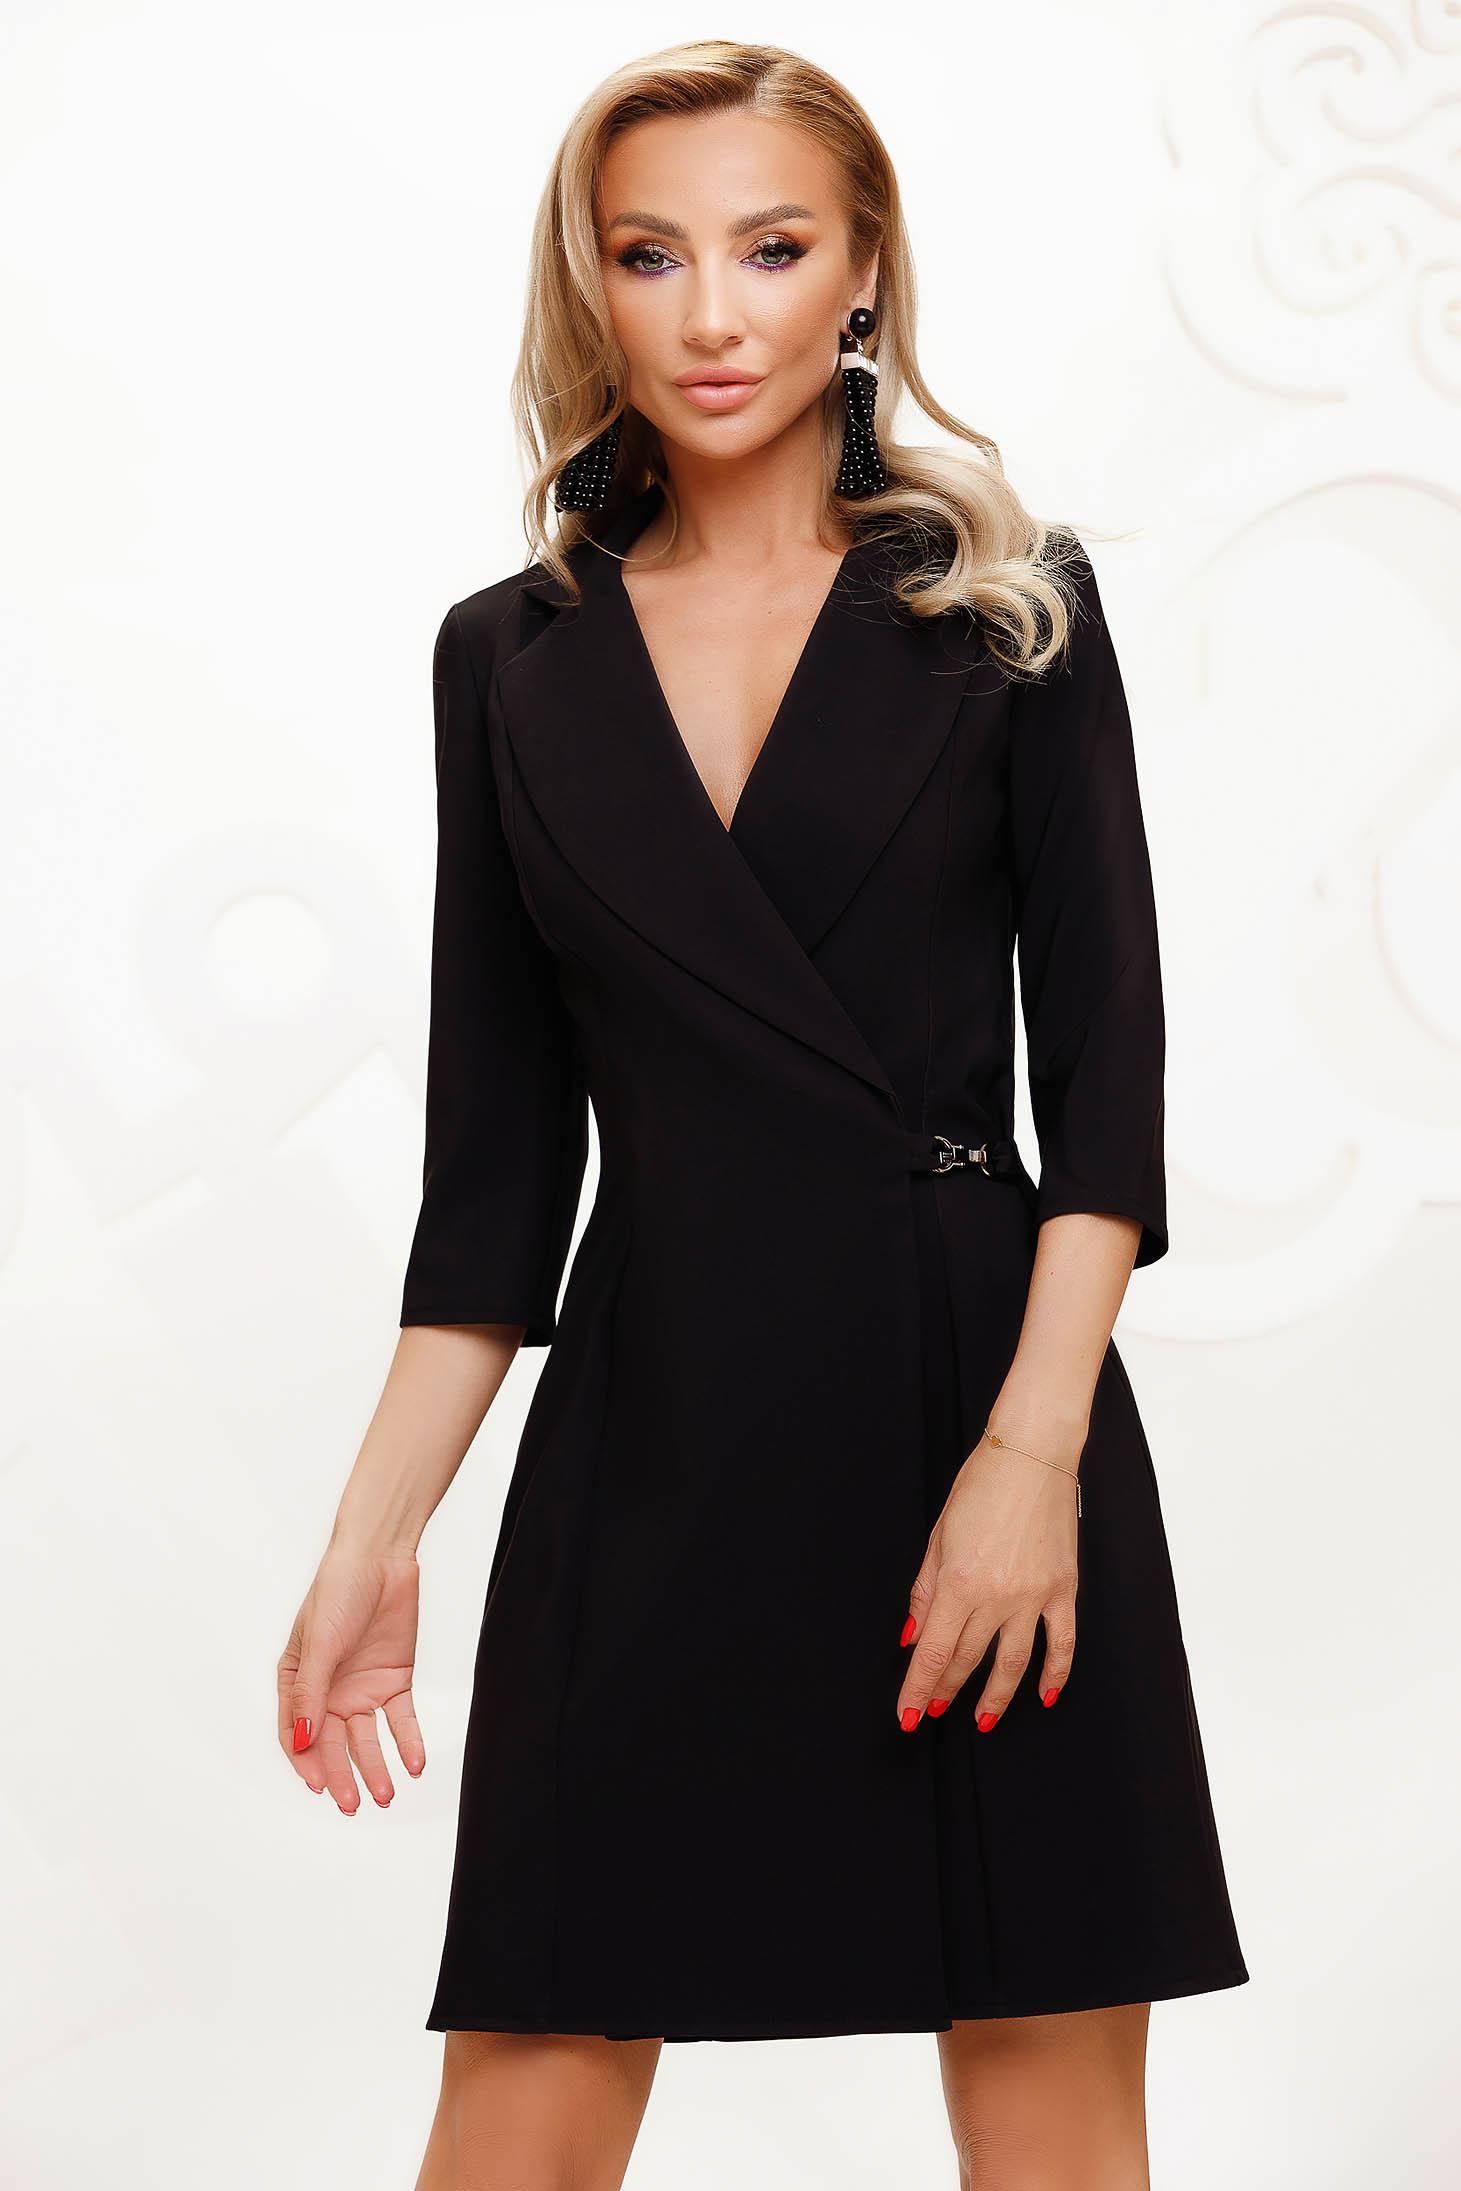 Fekete elegáns rövid átlapolt a-vonalú ruha vékony szövetből